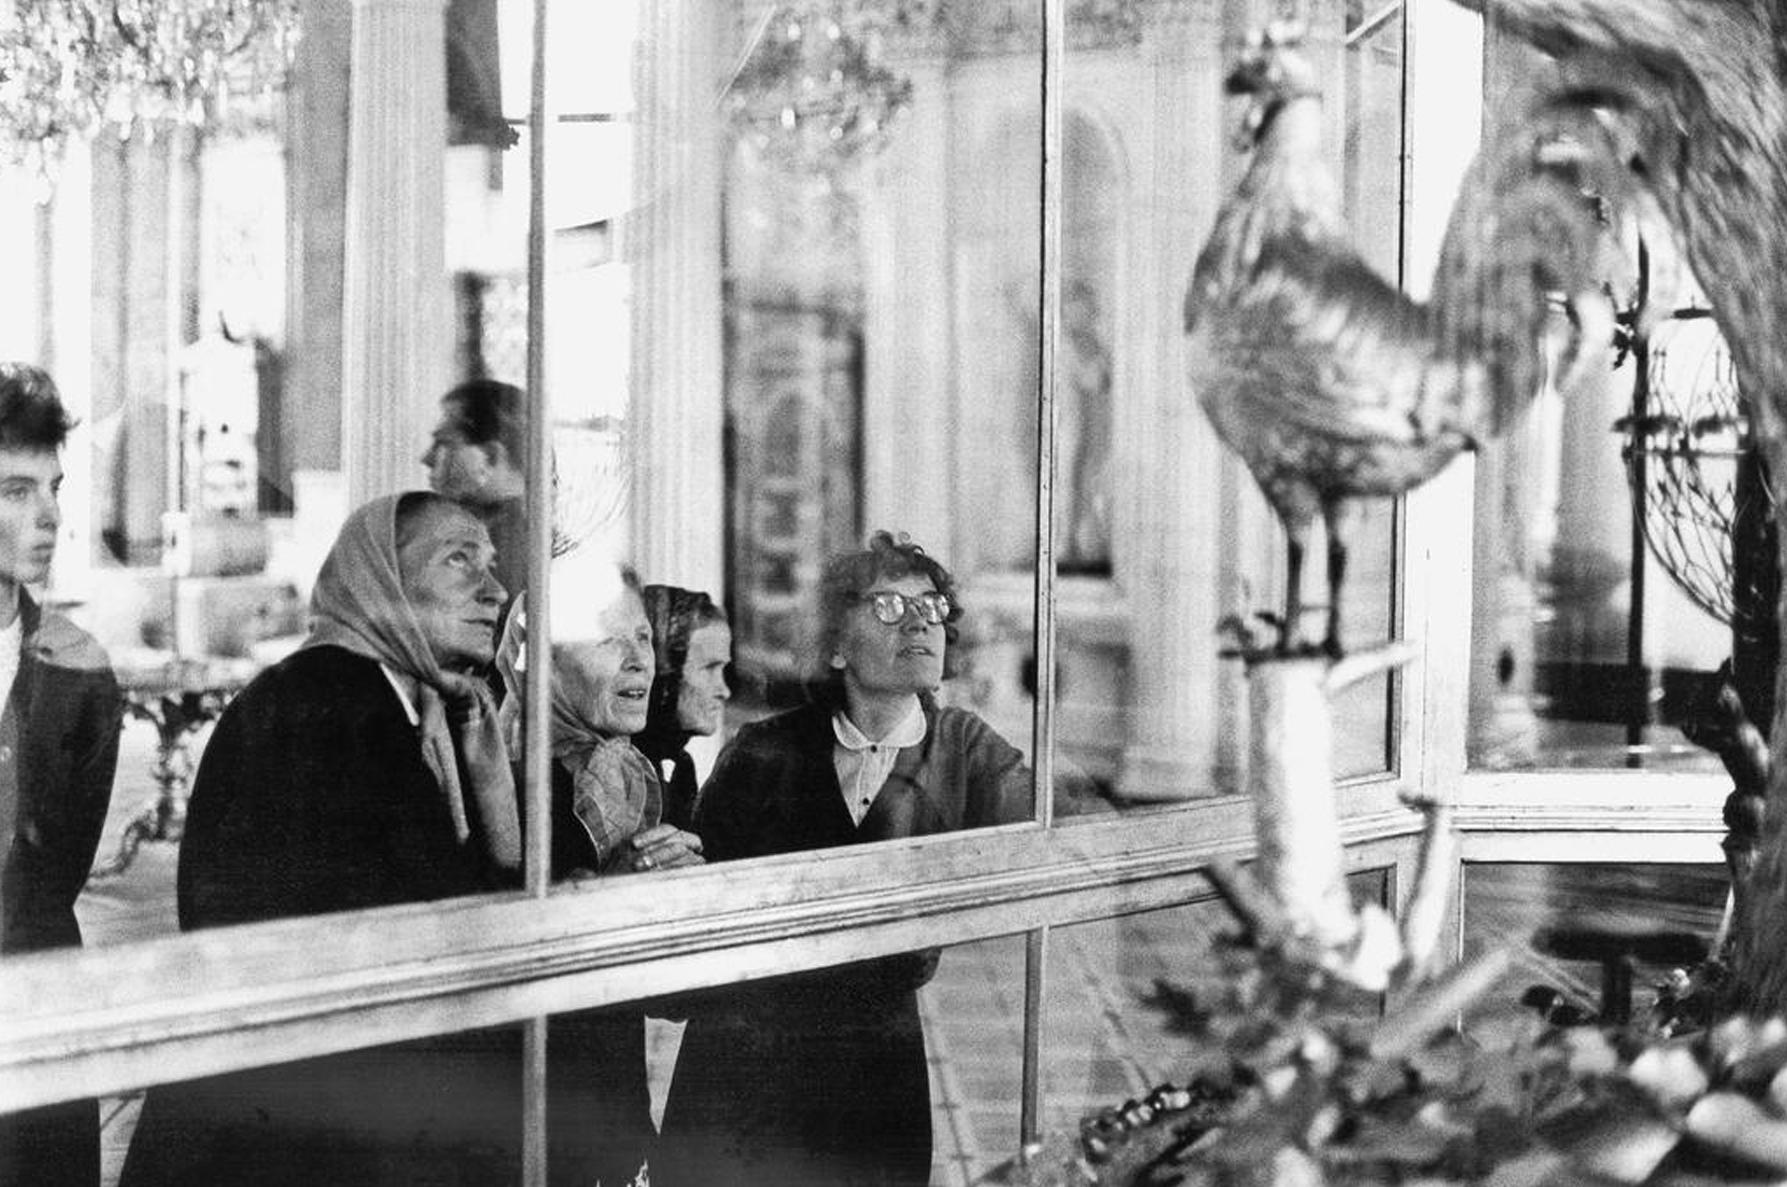 Томас Хепкер. Крестьянки в Эрмитаже. Санкт-Петербург. 1965